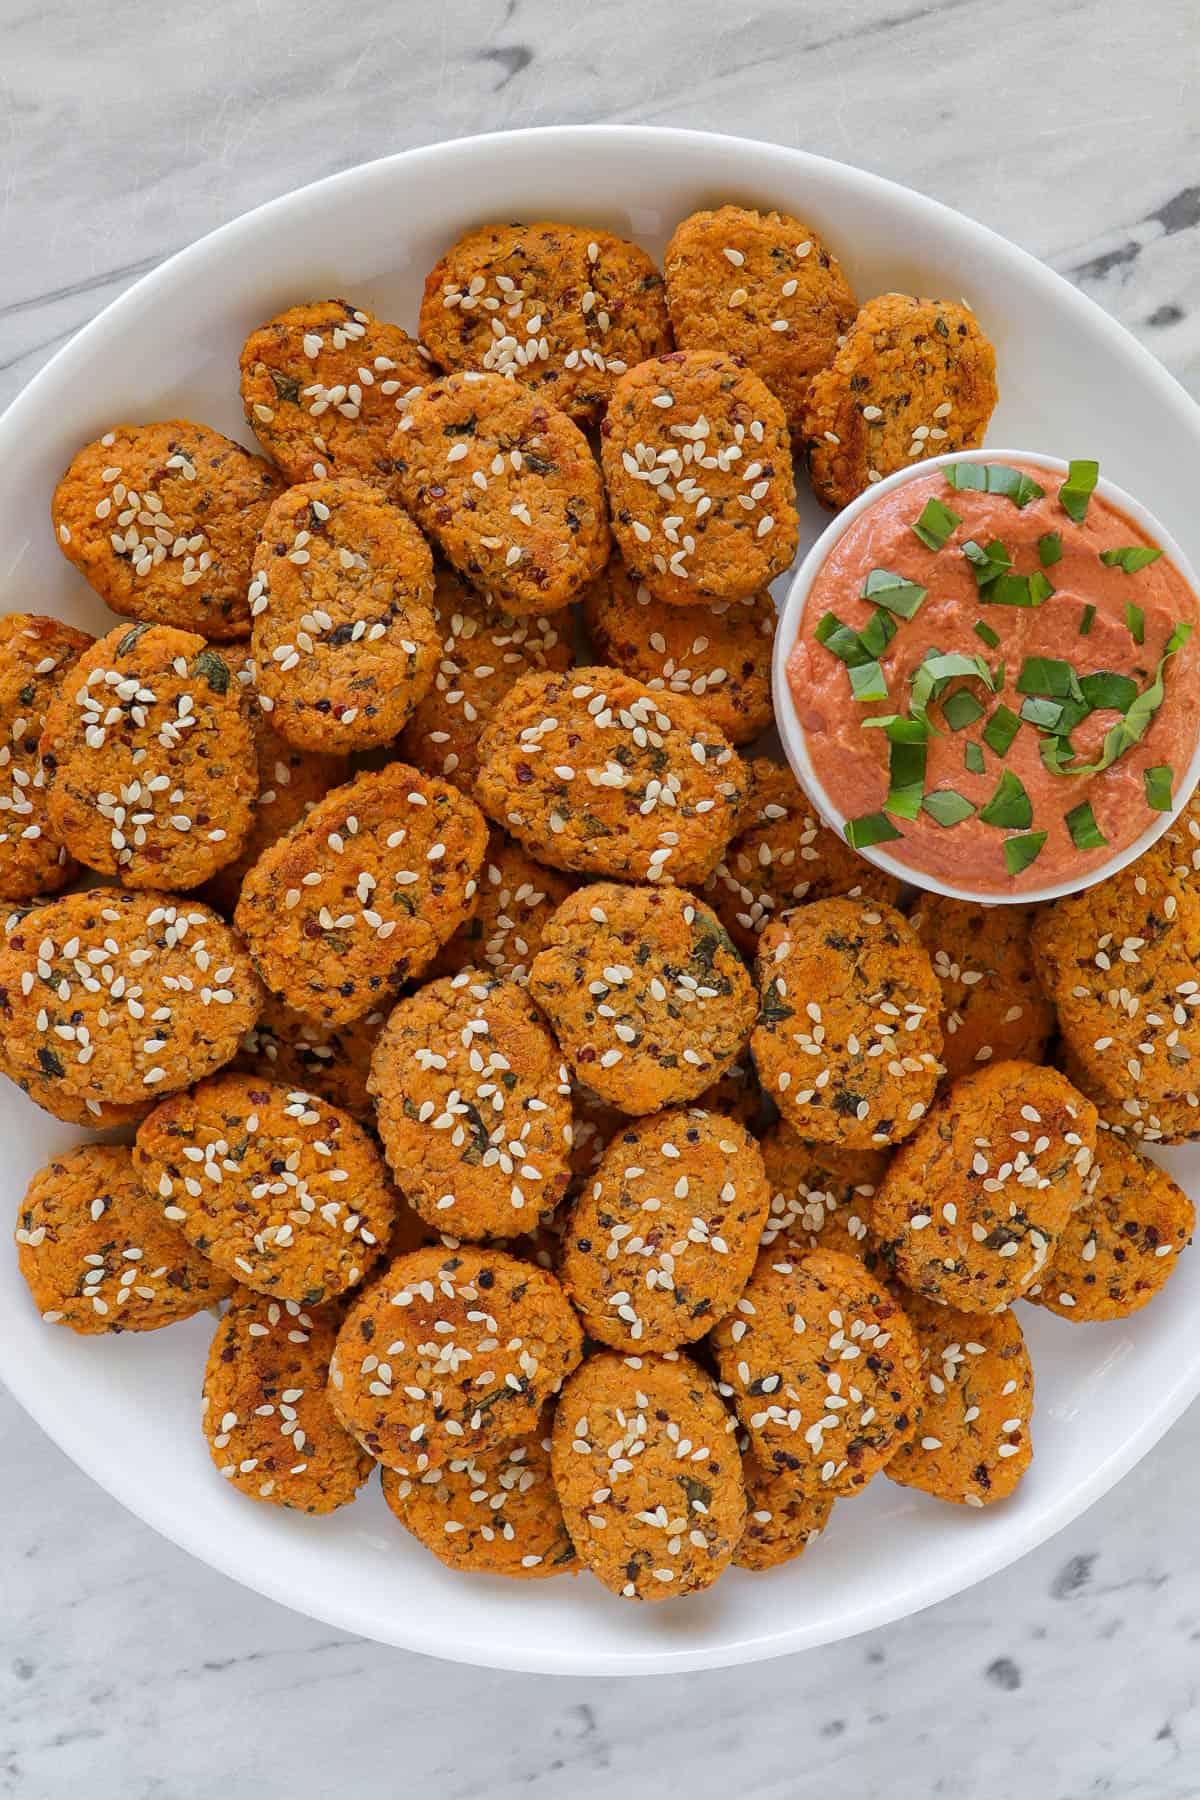 Sweet potato bites on round plate with creamy tomato dip.